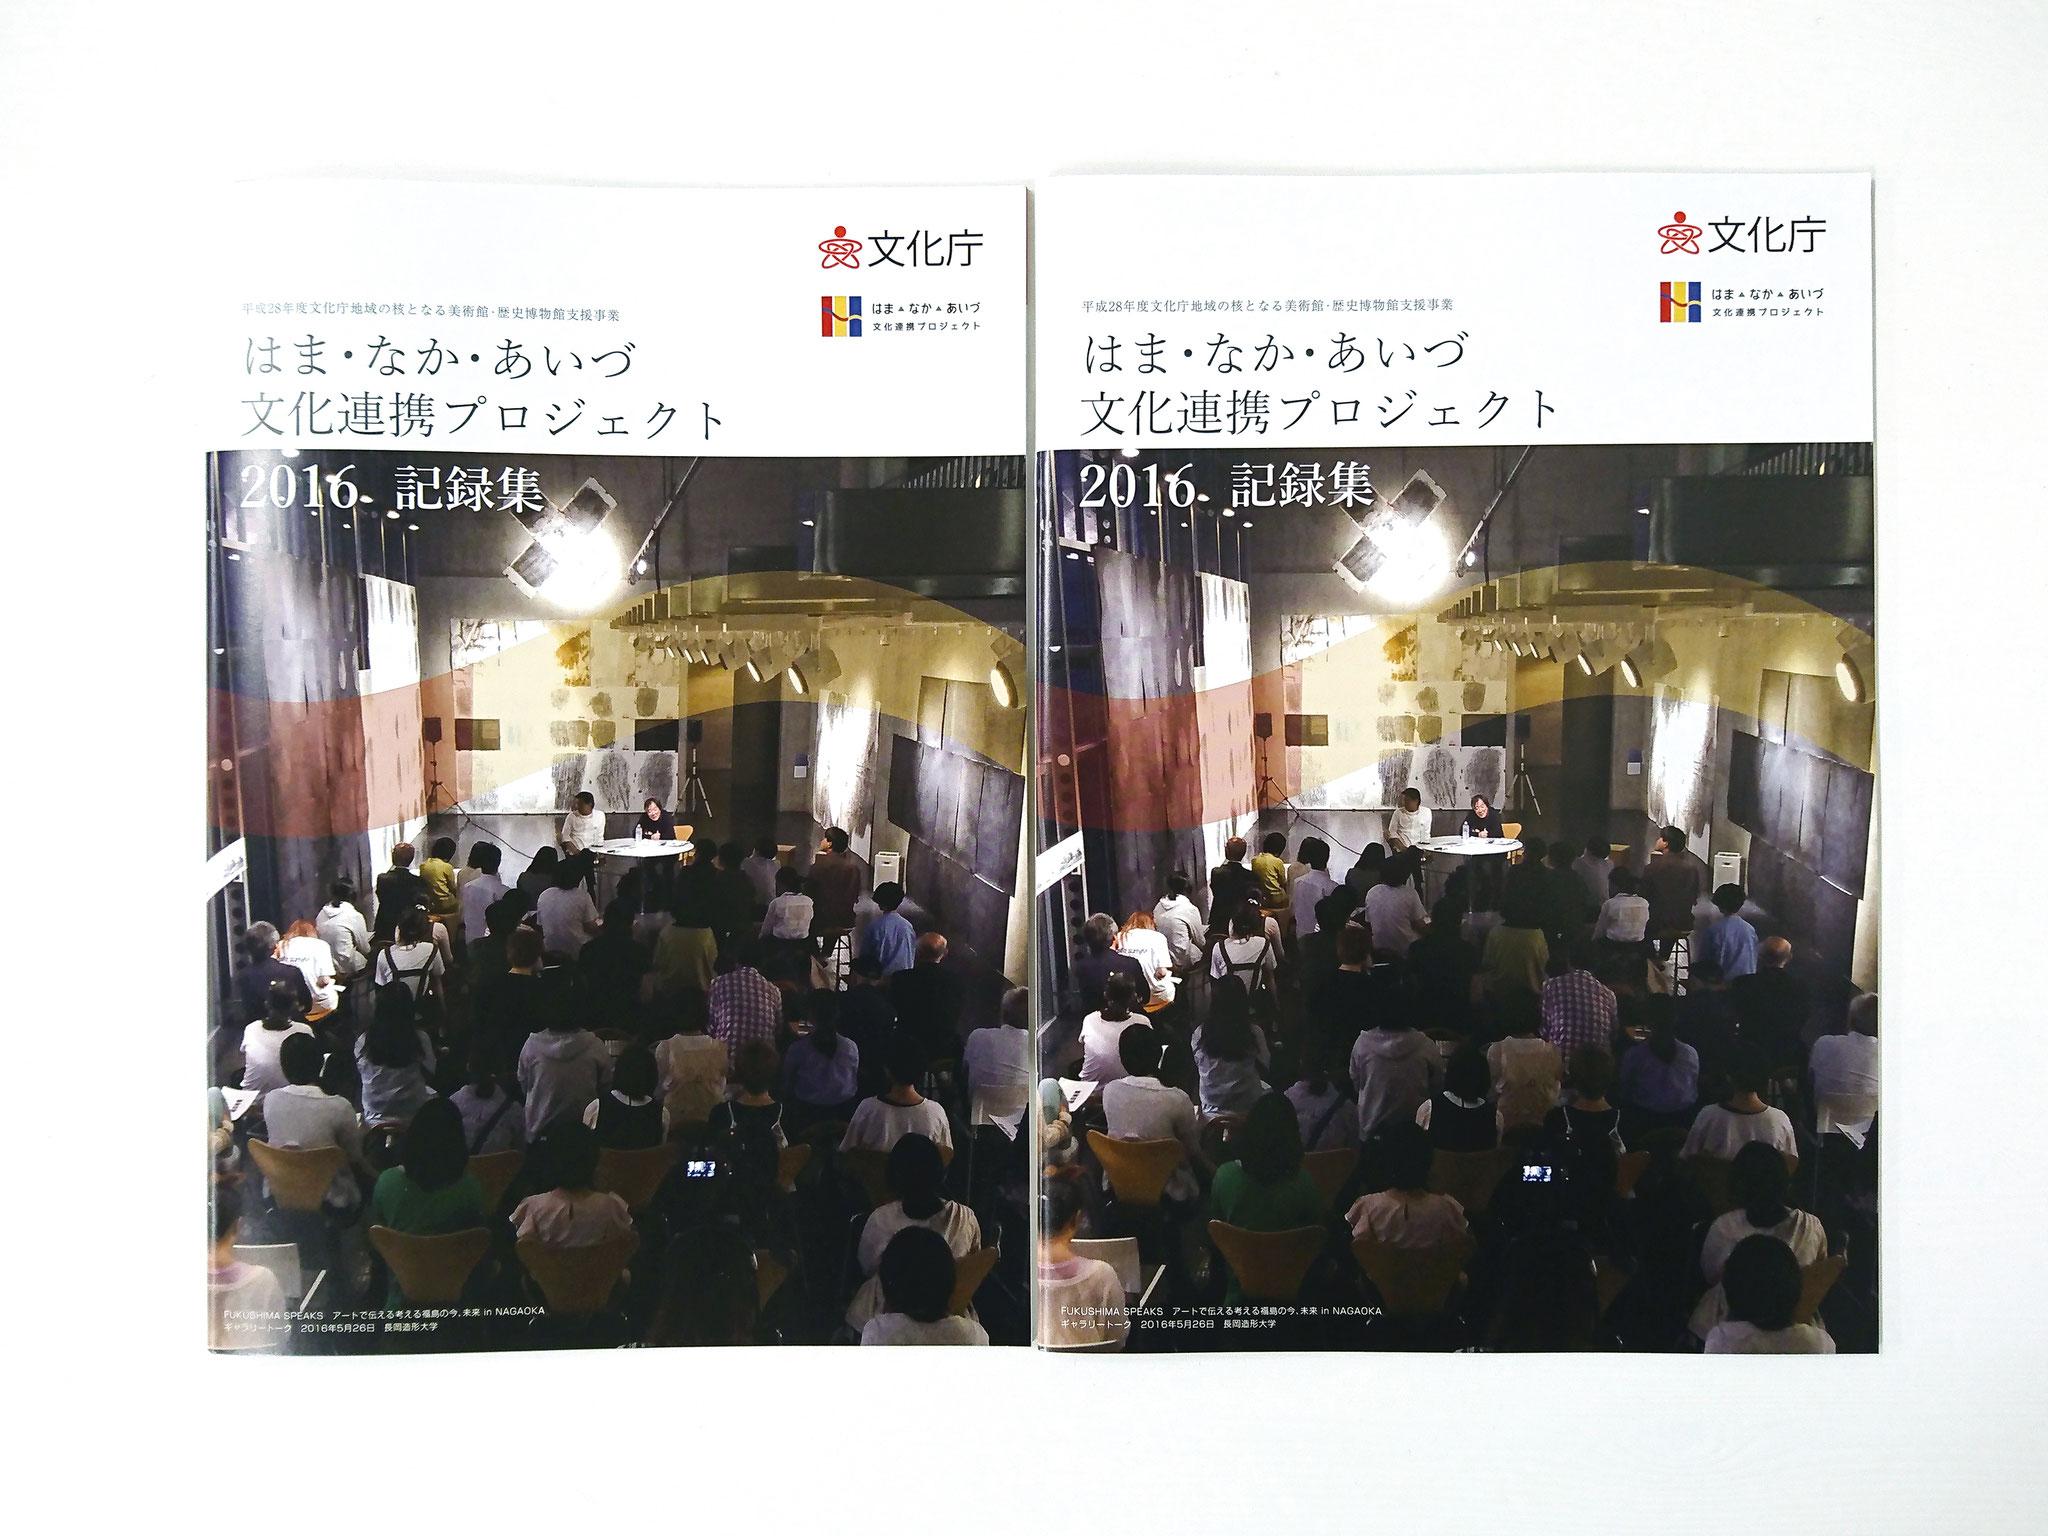 記録集2016(はま・なか・あいづ文化連携プロジェクト様/会津若松市)